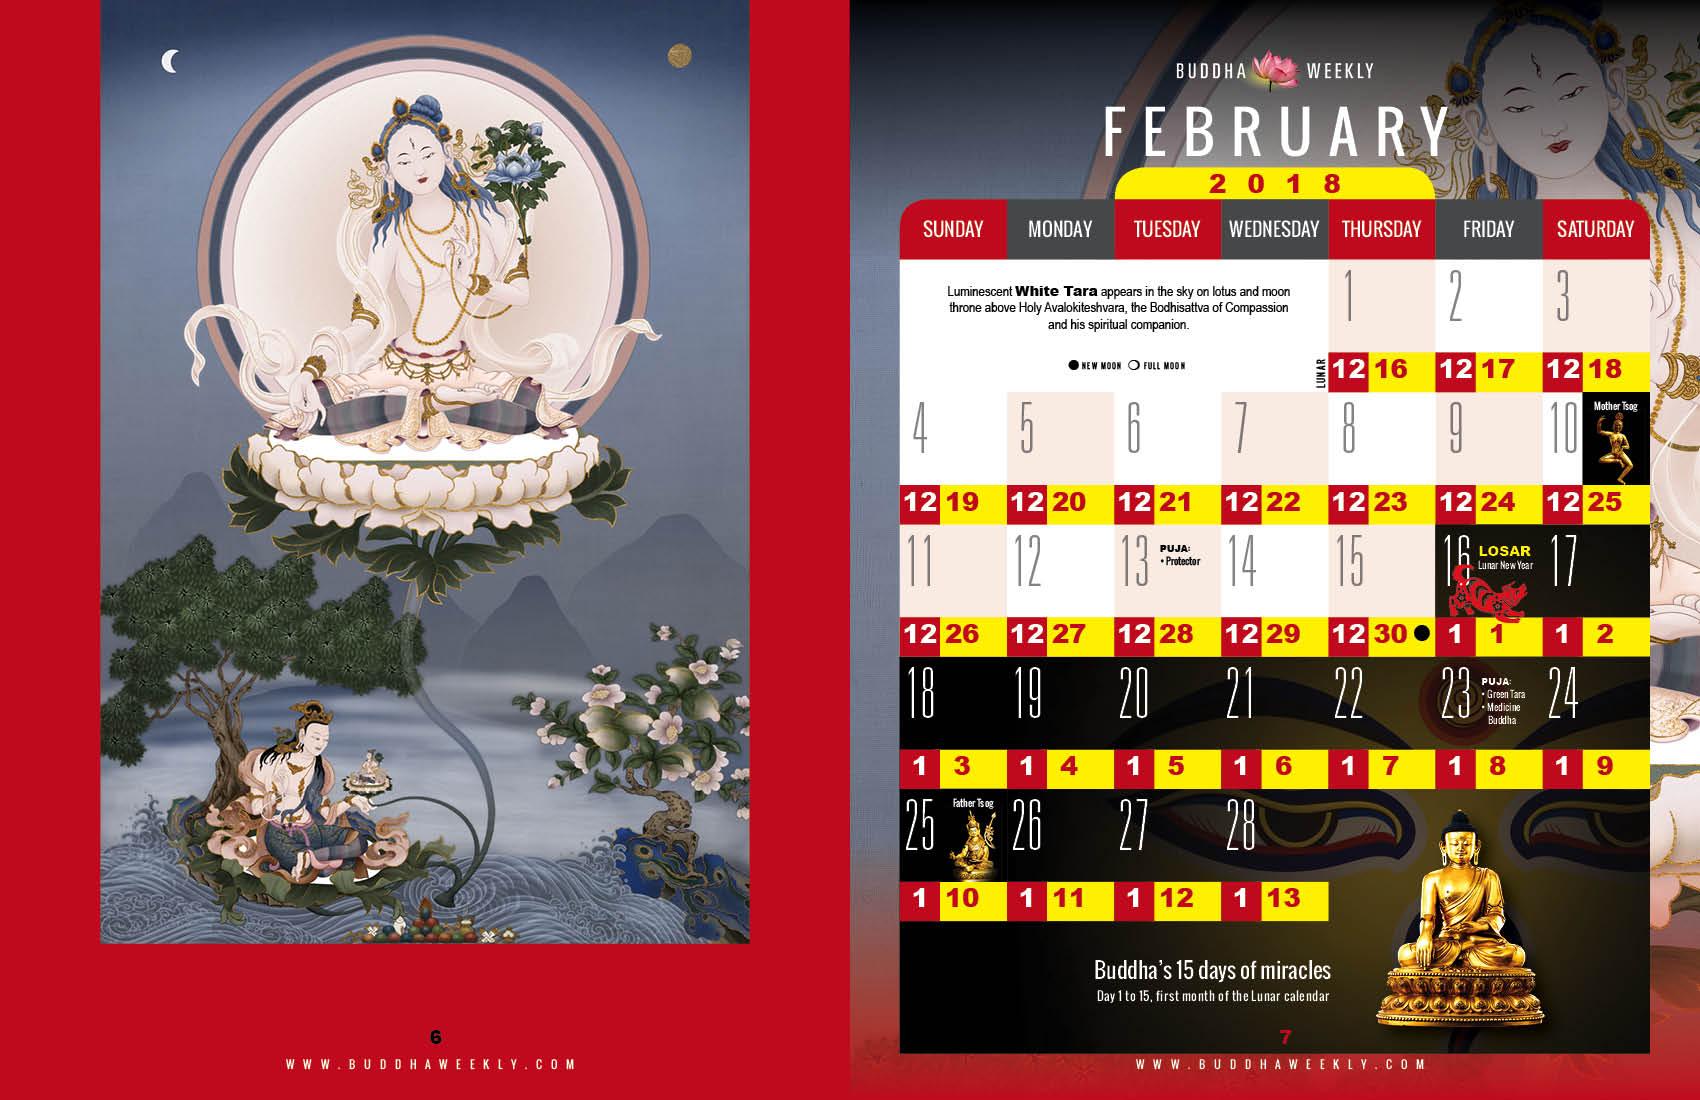 Lunar Calendar 2018 12 Buddha Weekly 2 February low 2